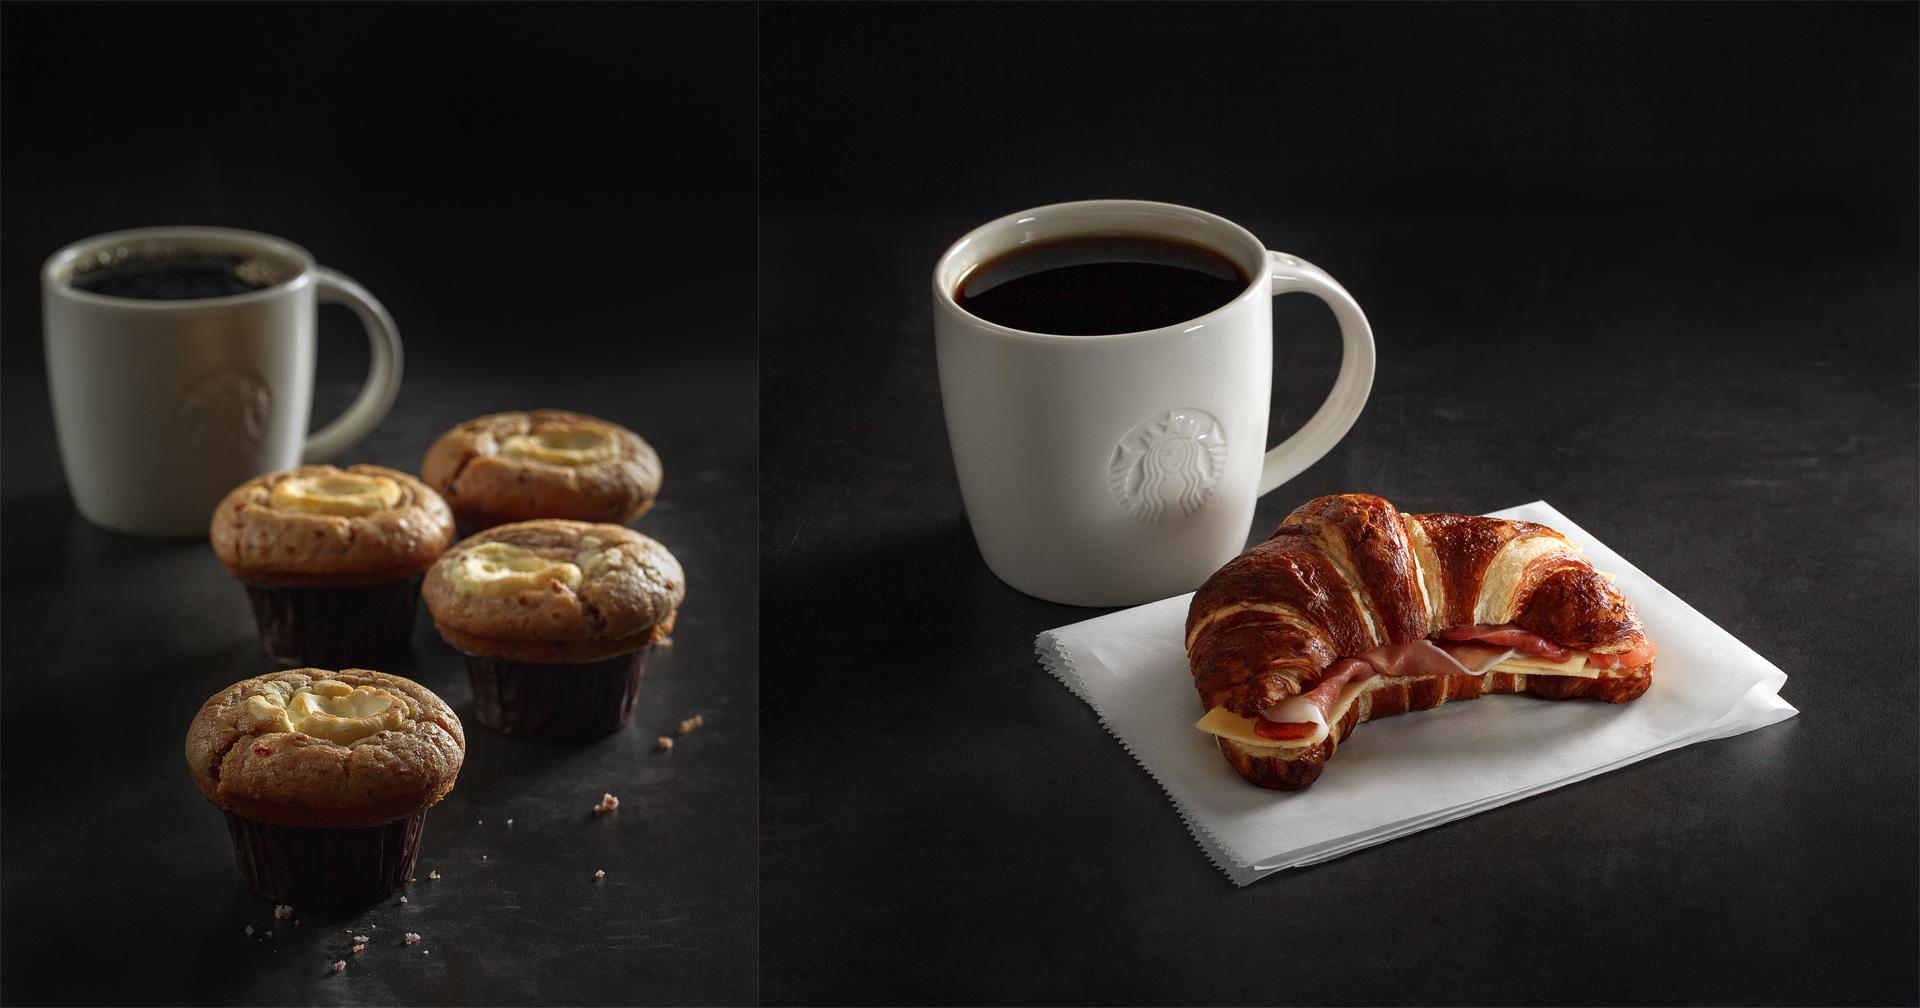 Starbucks Food